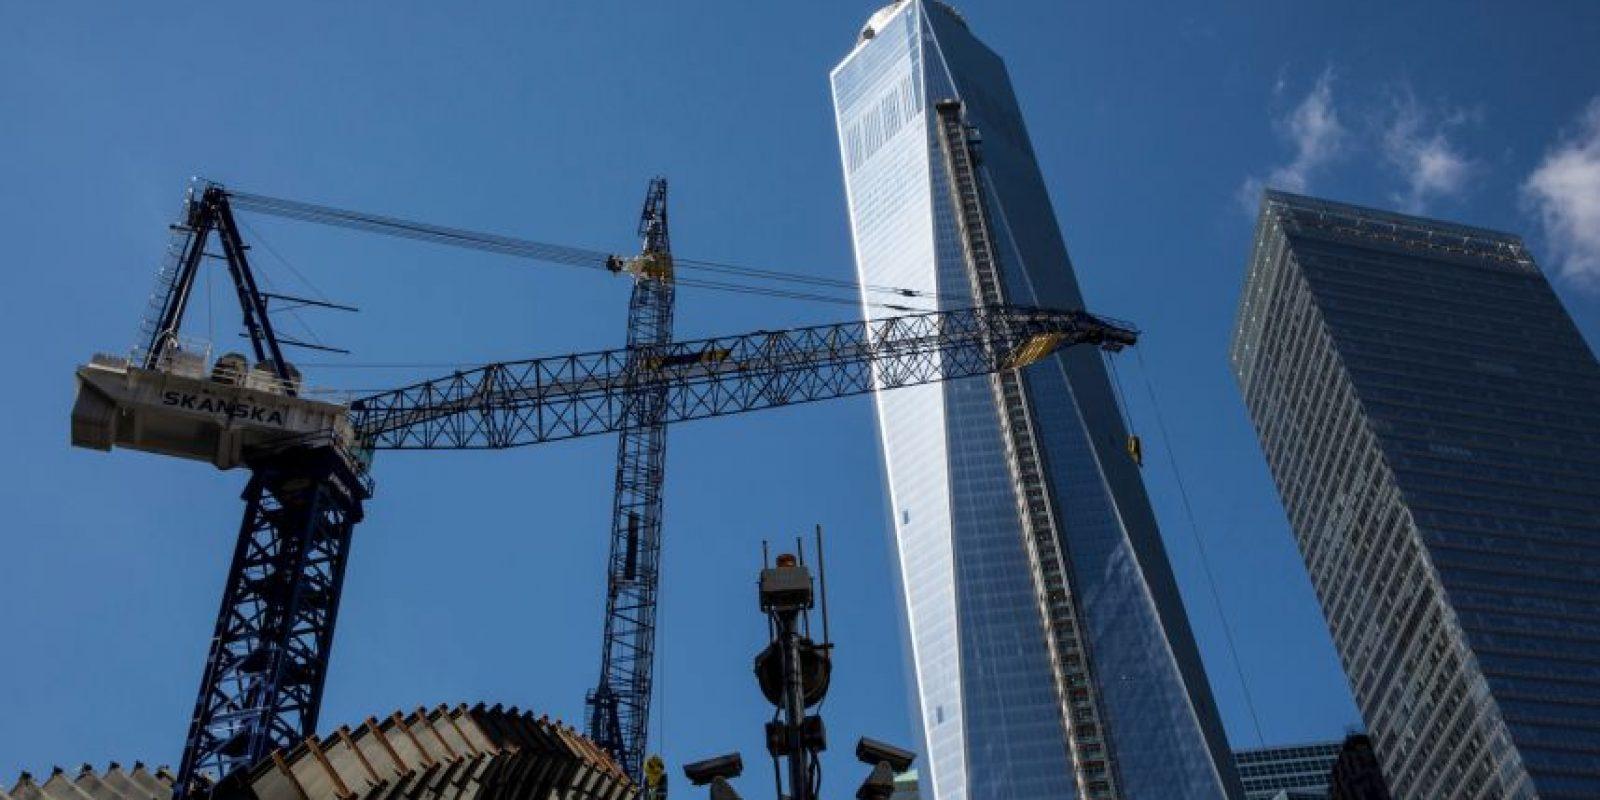 Sube 102 pisos en tan solo 60 segundos. Foto:Getty Images